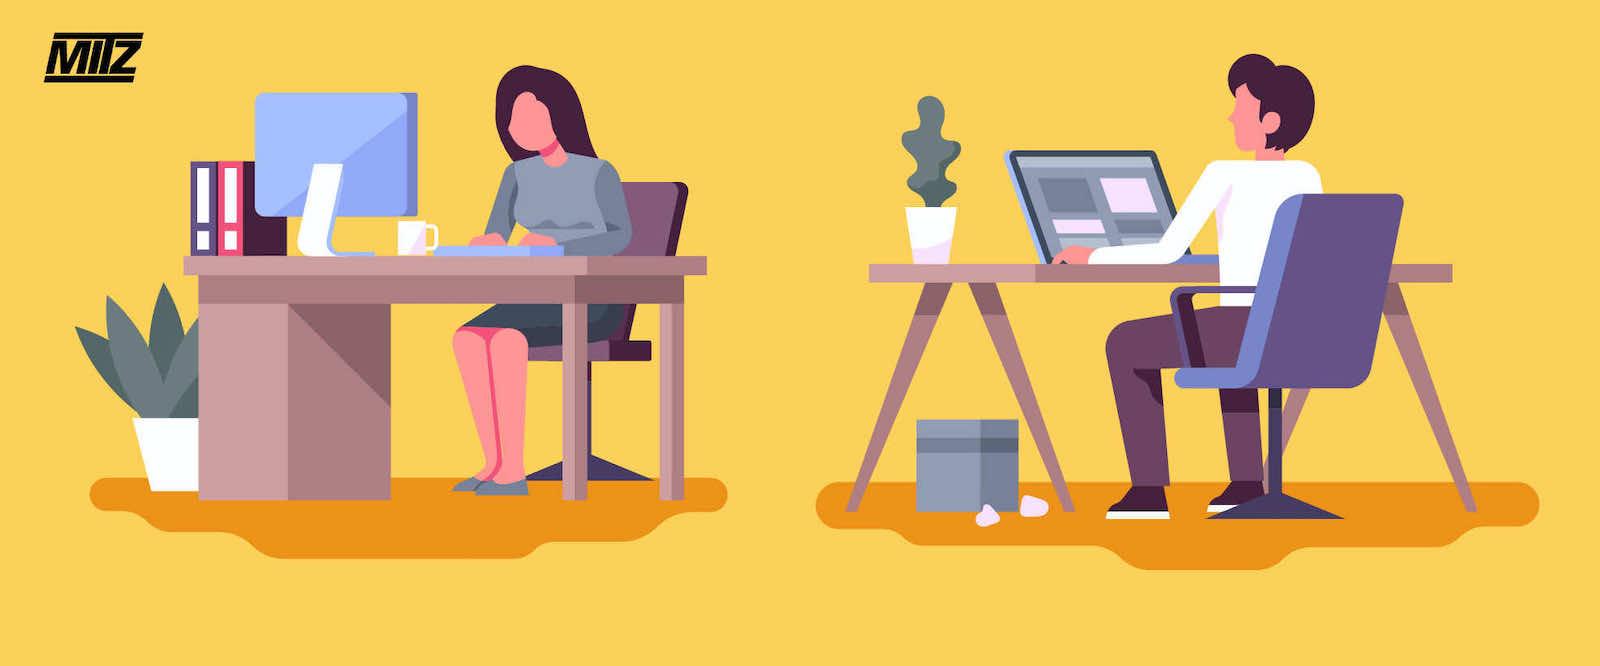 ergonomic adjustable table สี โต๊ะปรับระดับ mitz โต๊ะทำงาน เมื่อยปวดหลัง